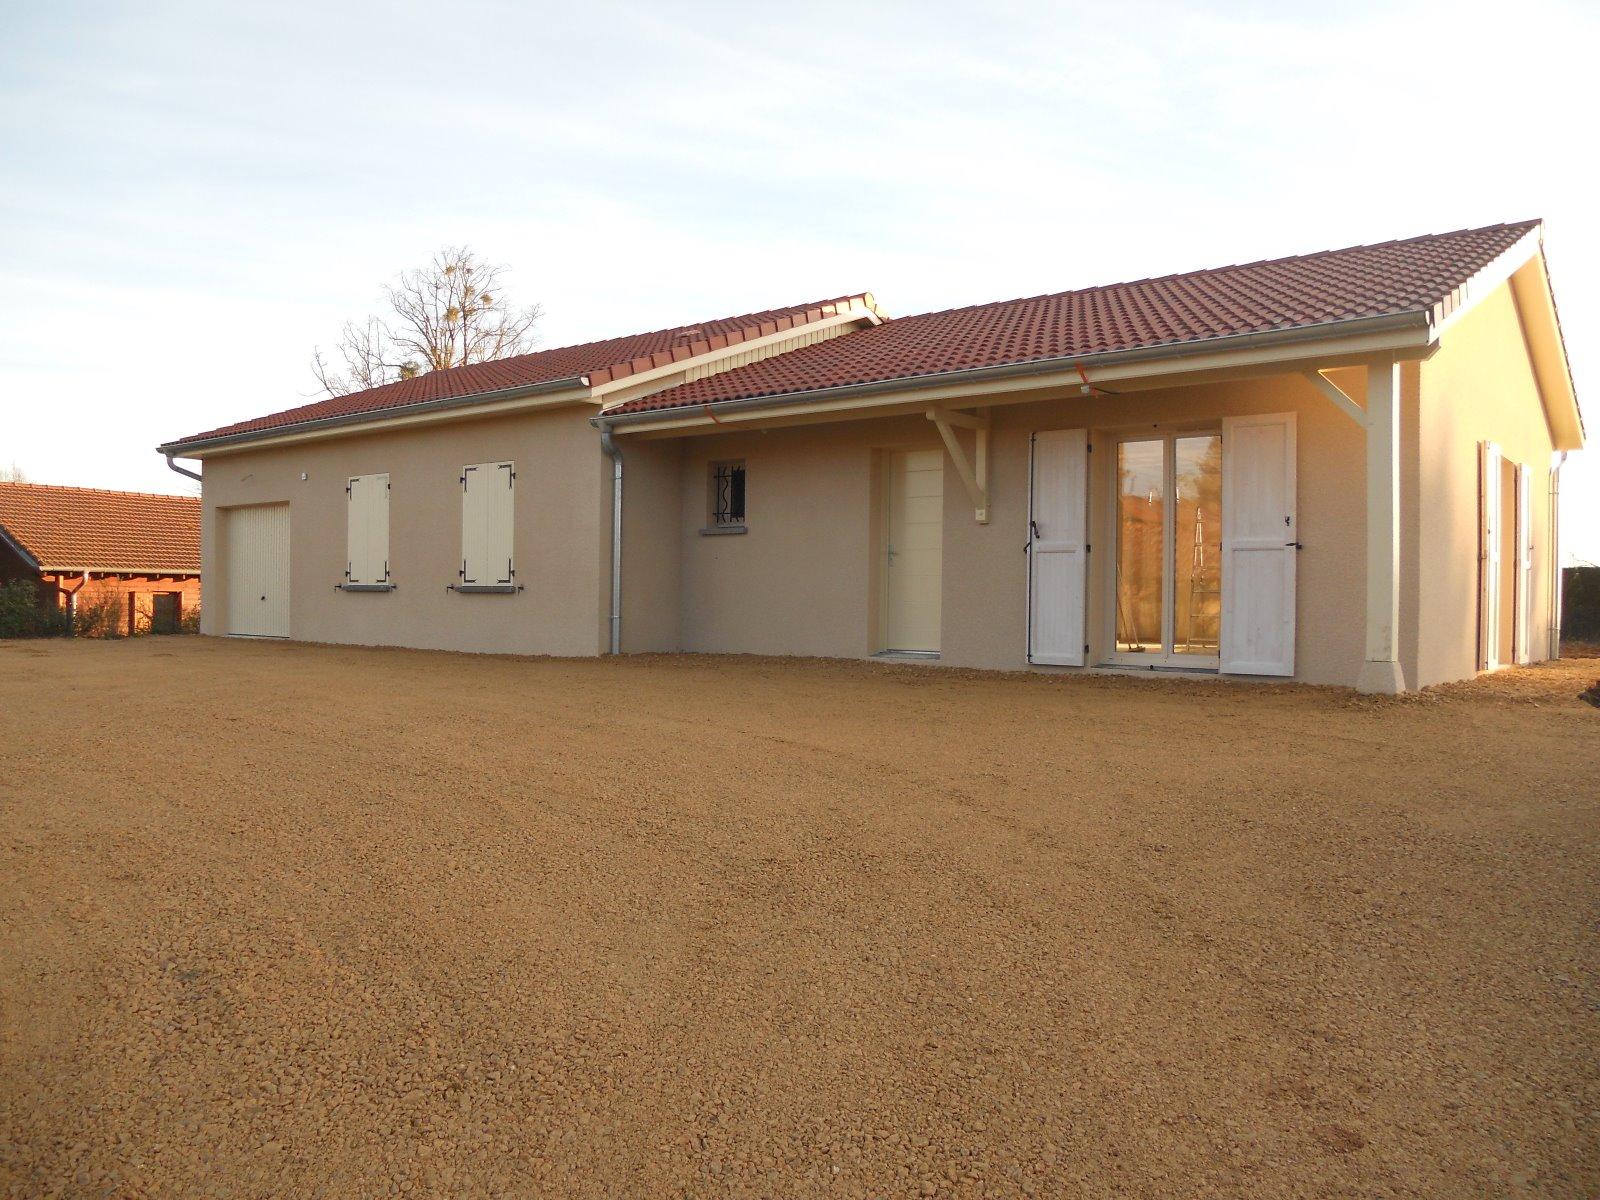 Saint jean sur reyssouze a vendre maison neuve 110 m for Achat maison neuve villebon sur yvette